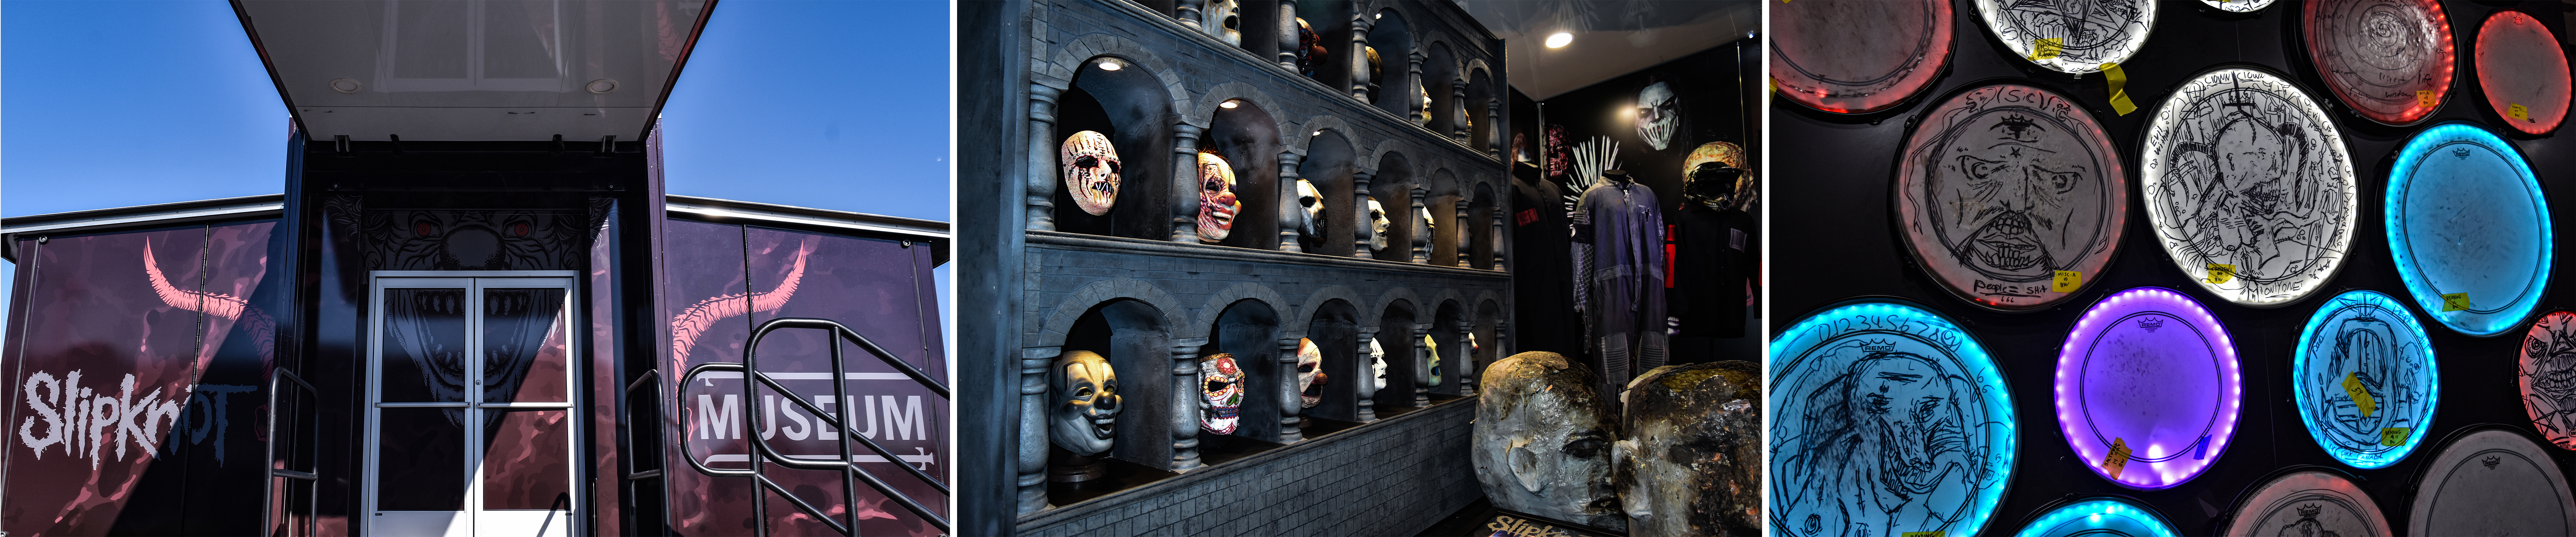 Slipknot Blog Pics